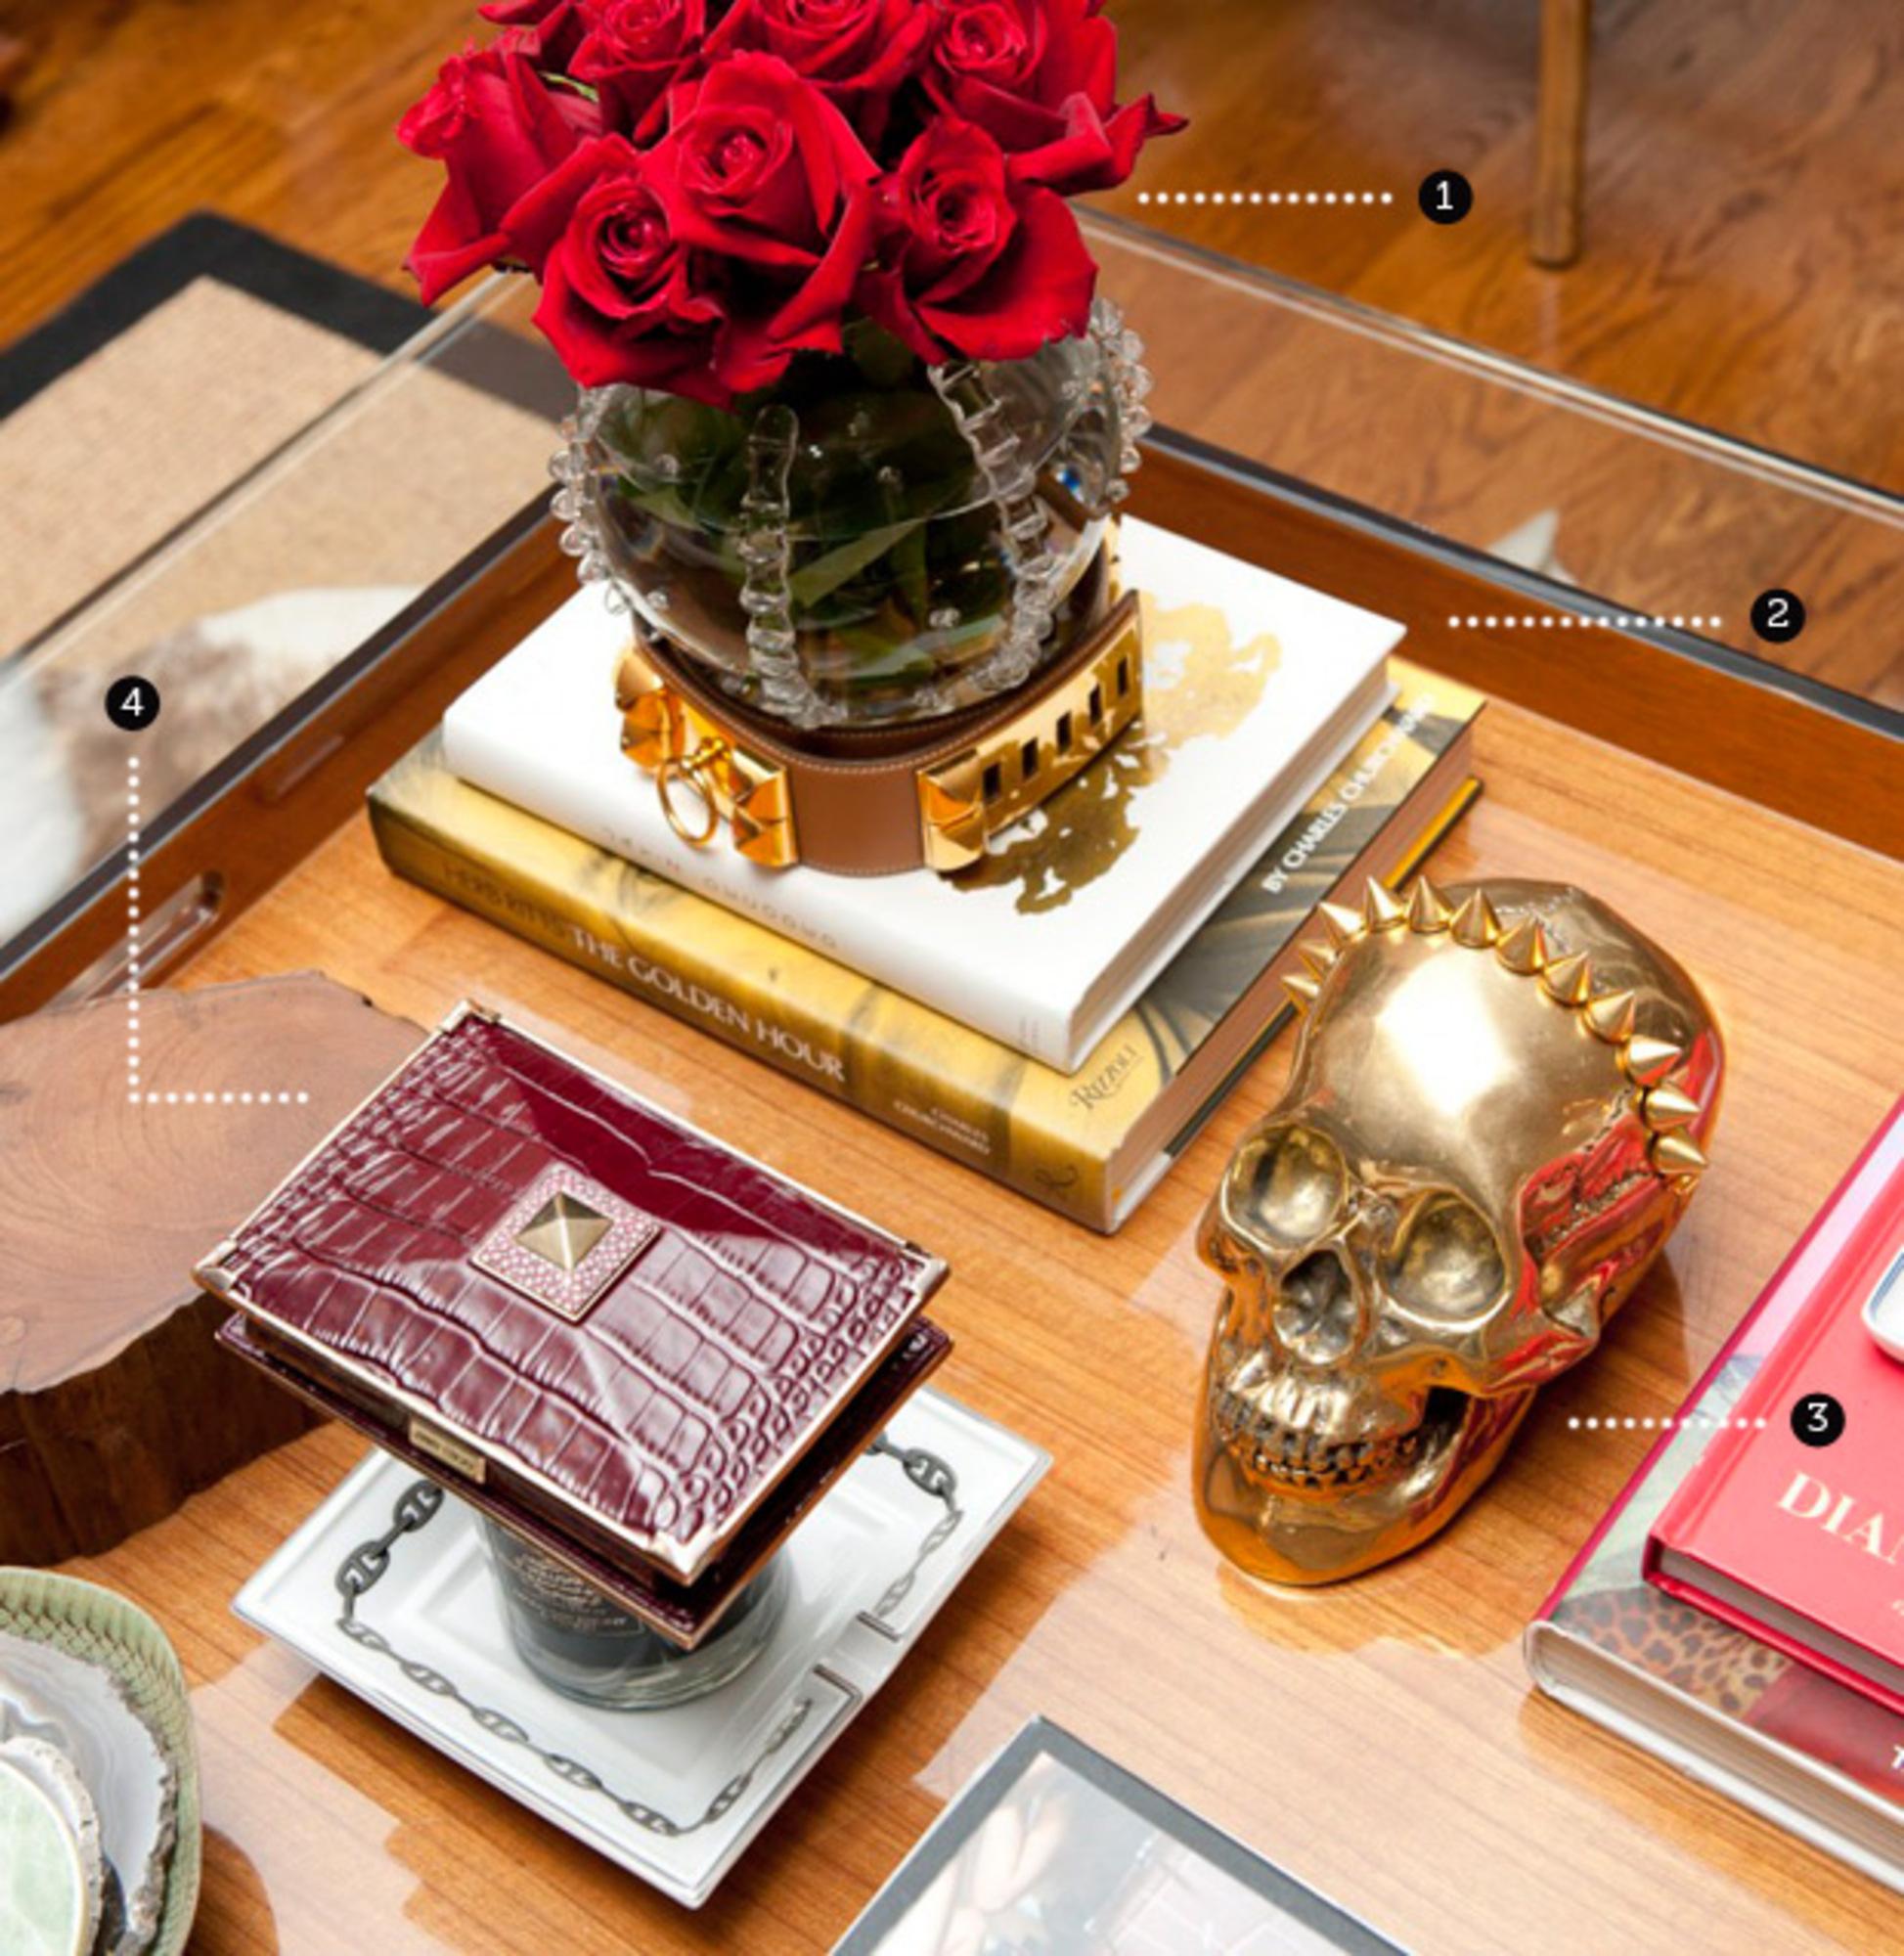 Mesas de centro como decorar casa de valentina - Decorar mesa de centro ...